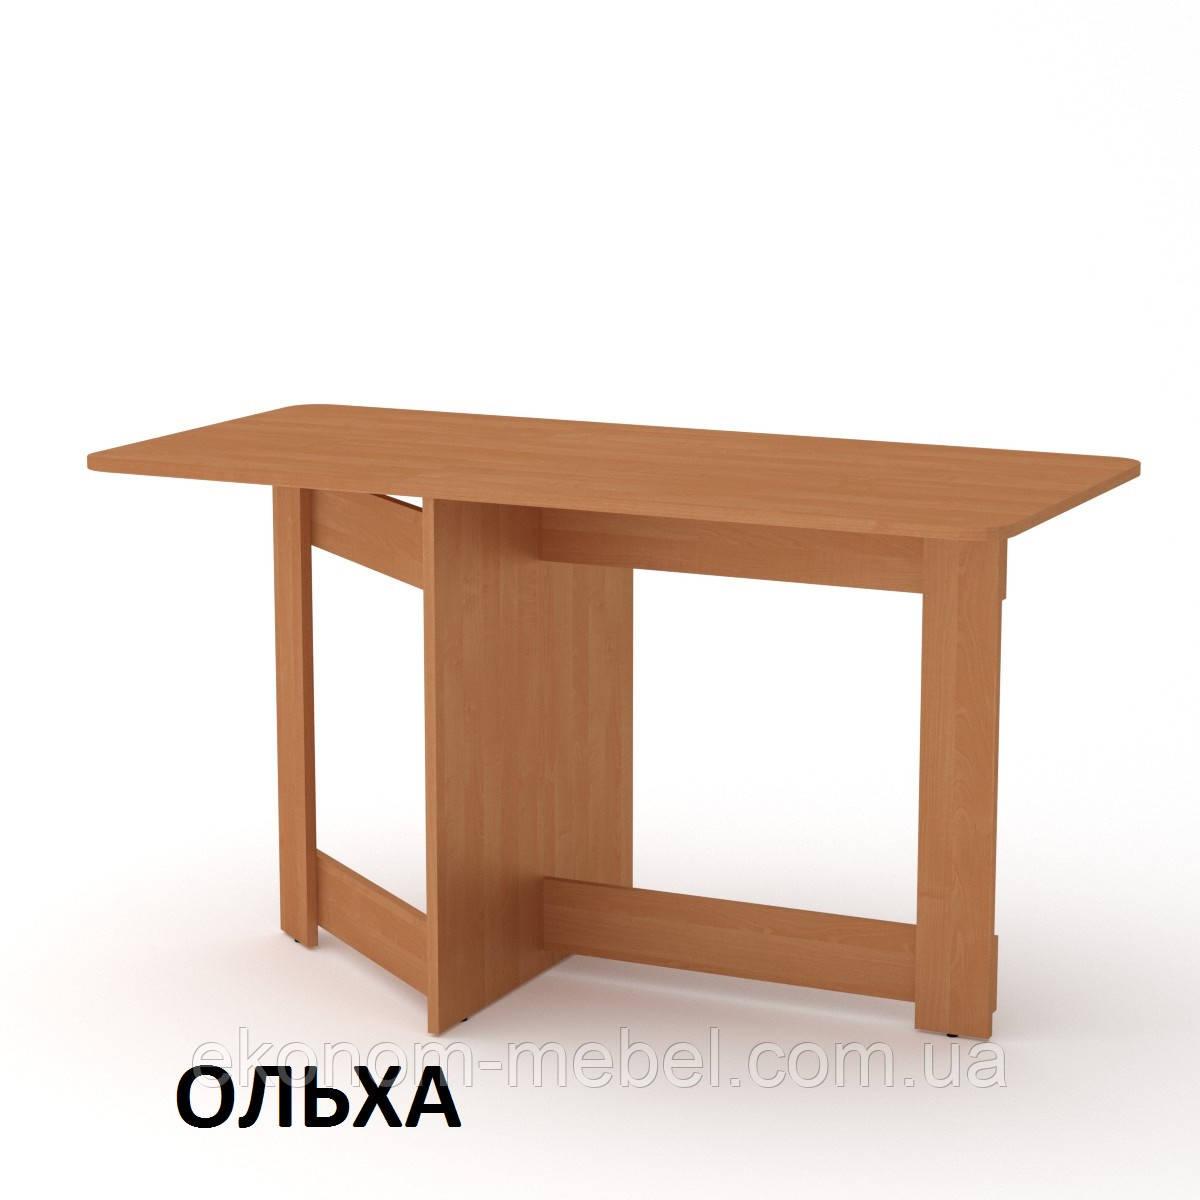 Раскладной Стол-Книжка-6 прямоугольный из ДСП